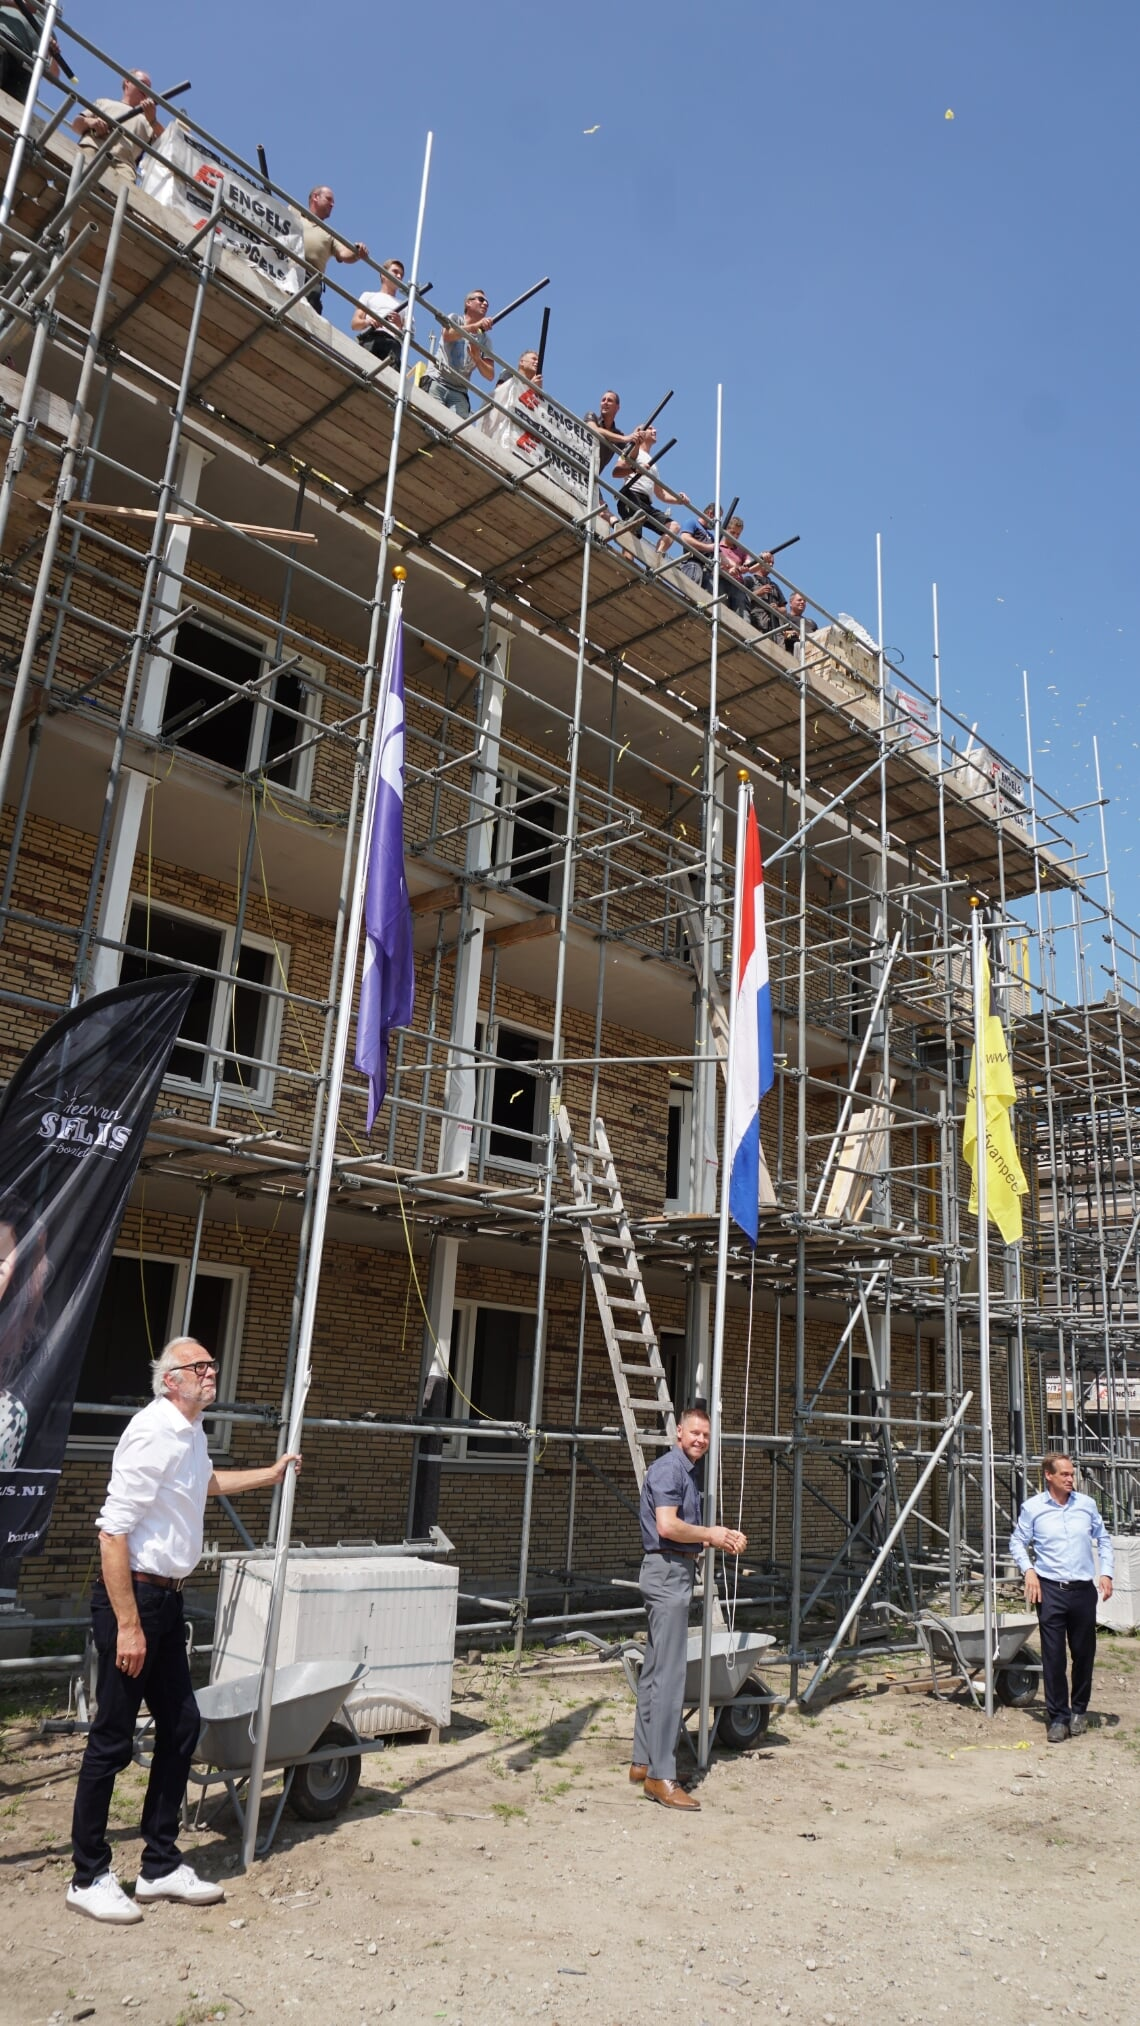 Wethouder Wim van der Zanden (m.) hijst samen met directeur-bestuurder Rob Dekker van Woonstichting JOOST (l.) en Jan van Peer van Bouwbedrijf Van Peer de vlag bij het nieuwe appartementencomplex.